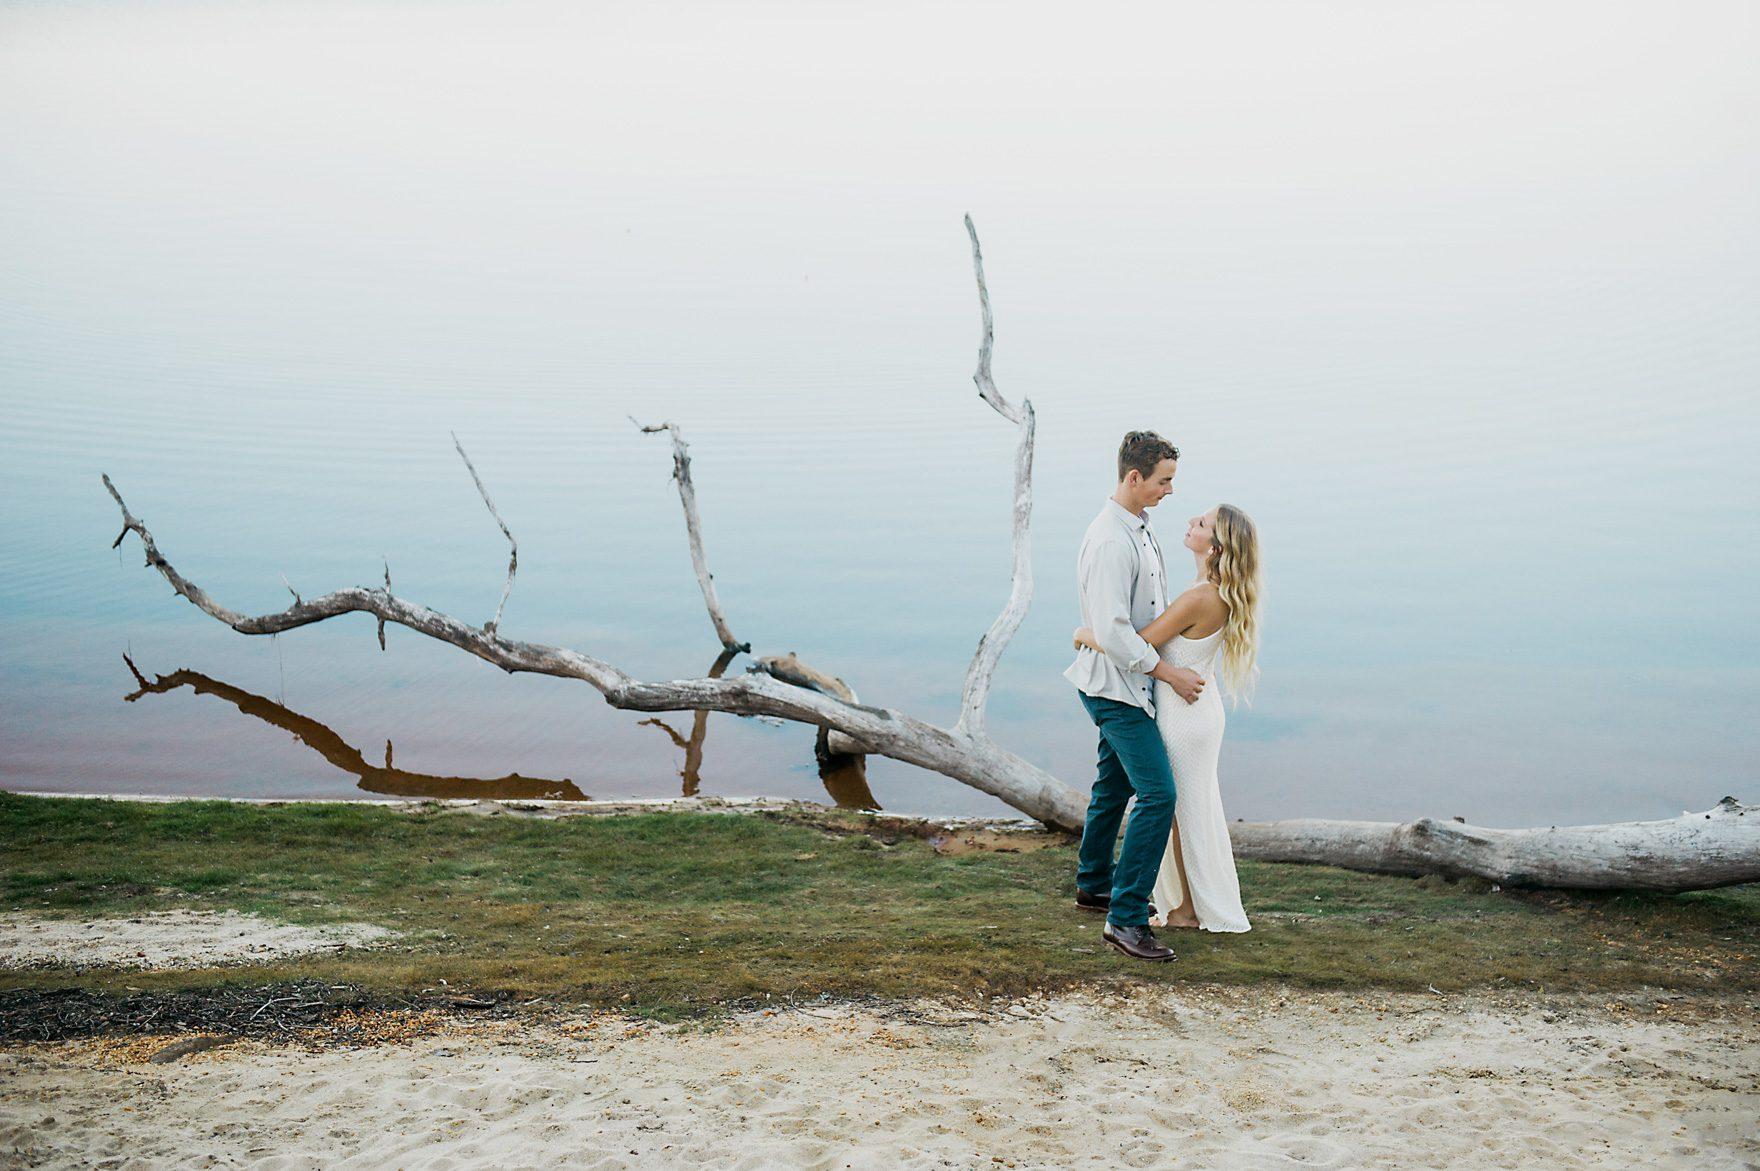 California-Destination-wedding-photographer-Christina-Lilly-006